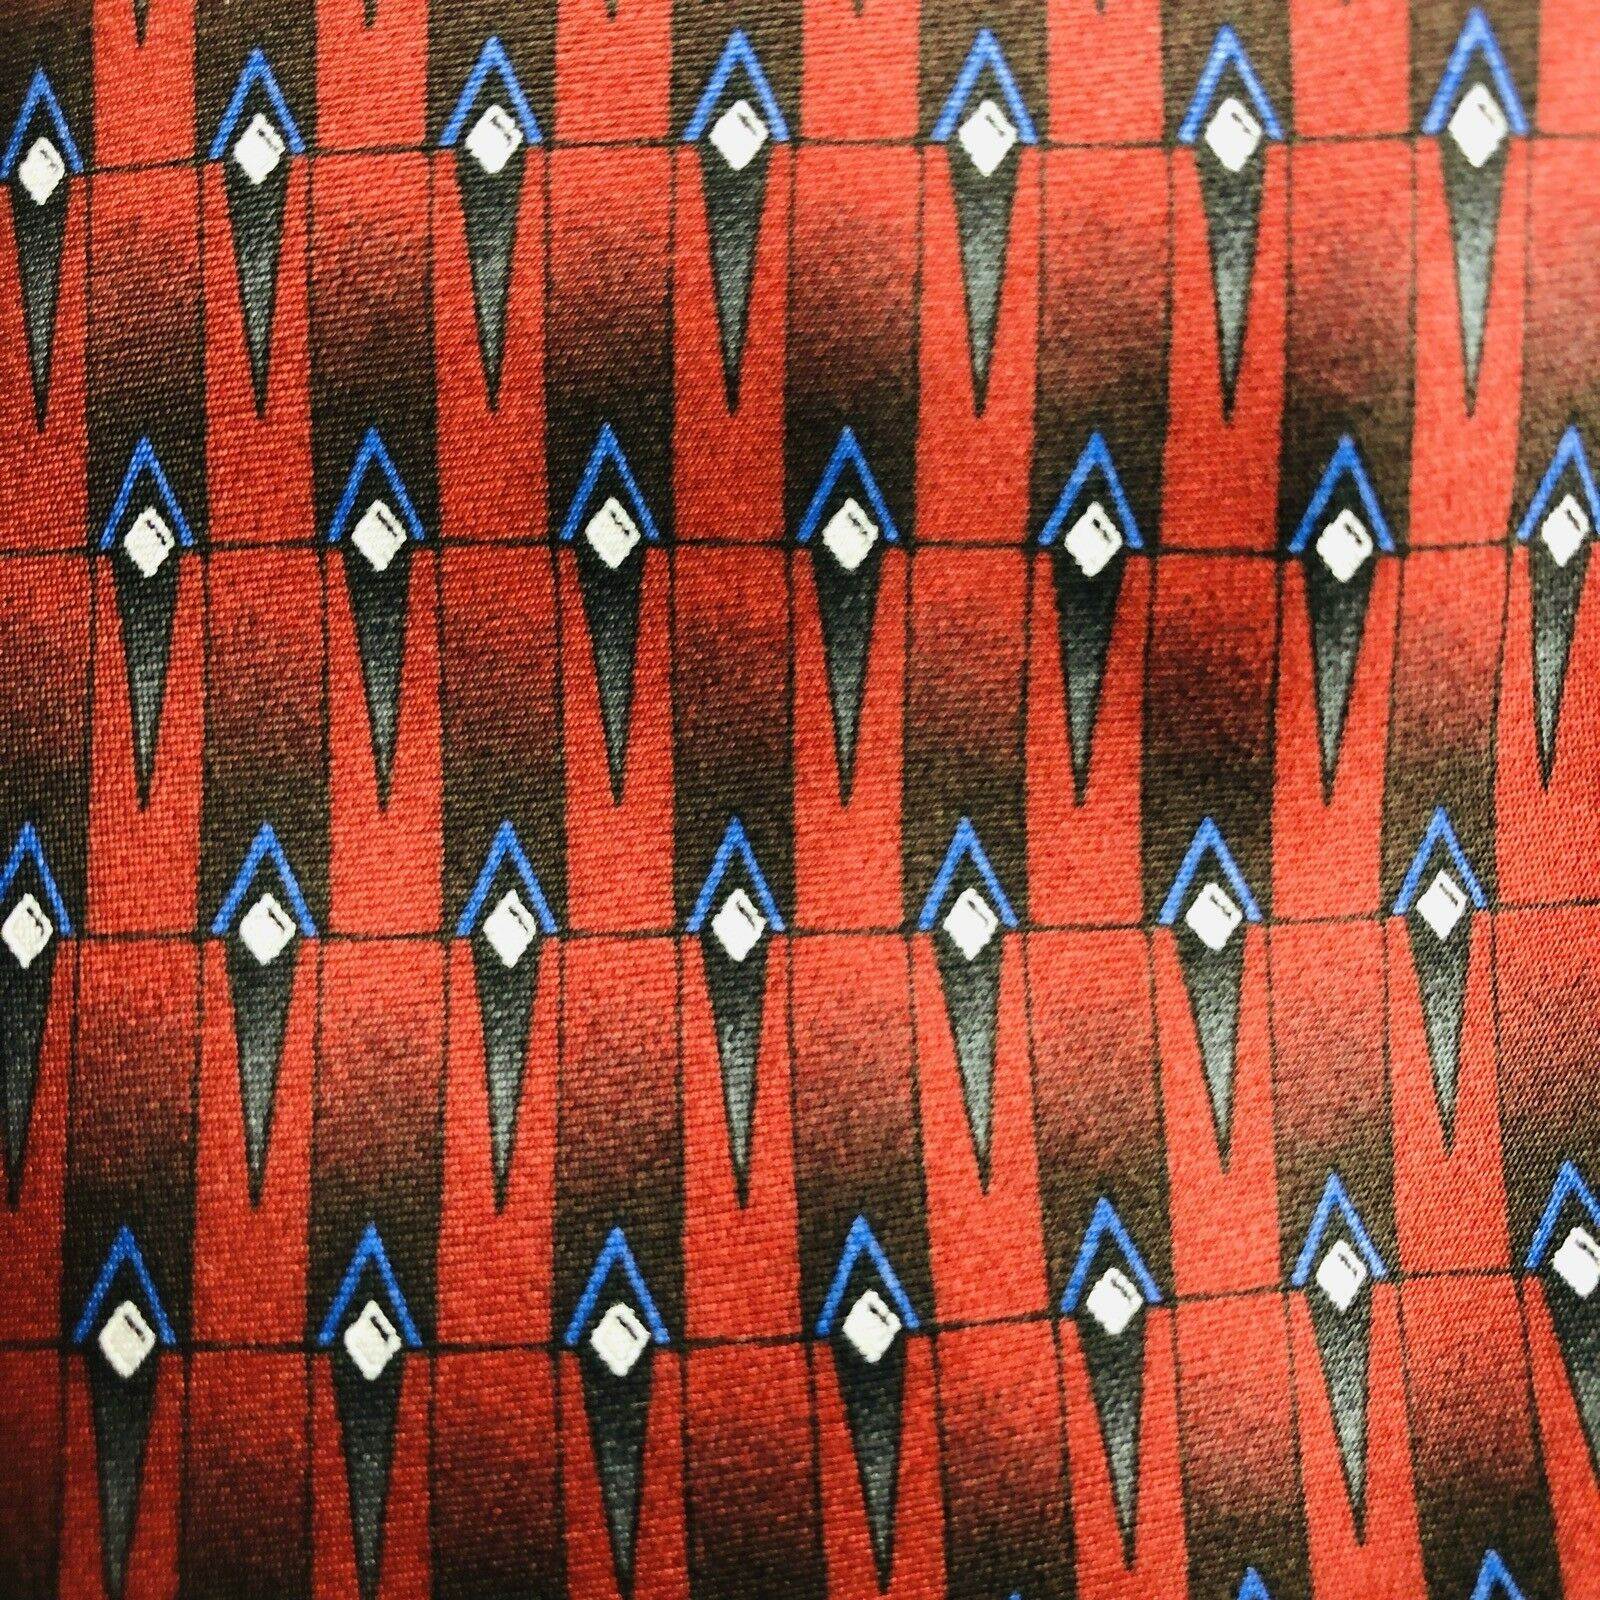 Ziggurat Men's Neck Tie By Mulberry Neckwear Burgundy 59 x 4 Silk Hand Made